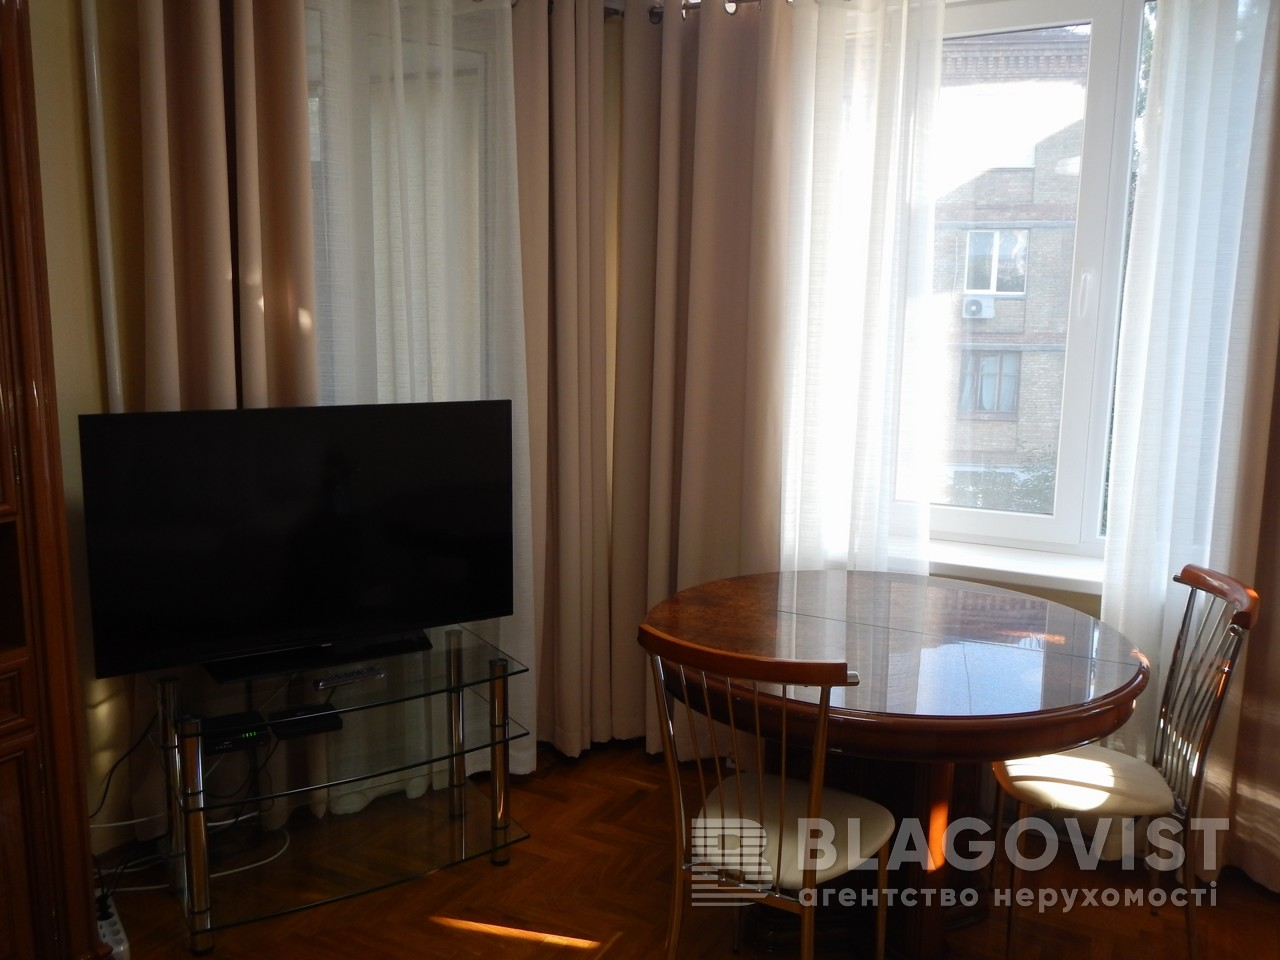 Квартира A-104706, Гордиенко Костя пер. (Чекистов пер.), 1а, Киев - Фото 11